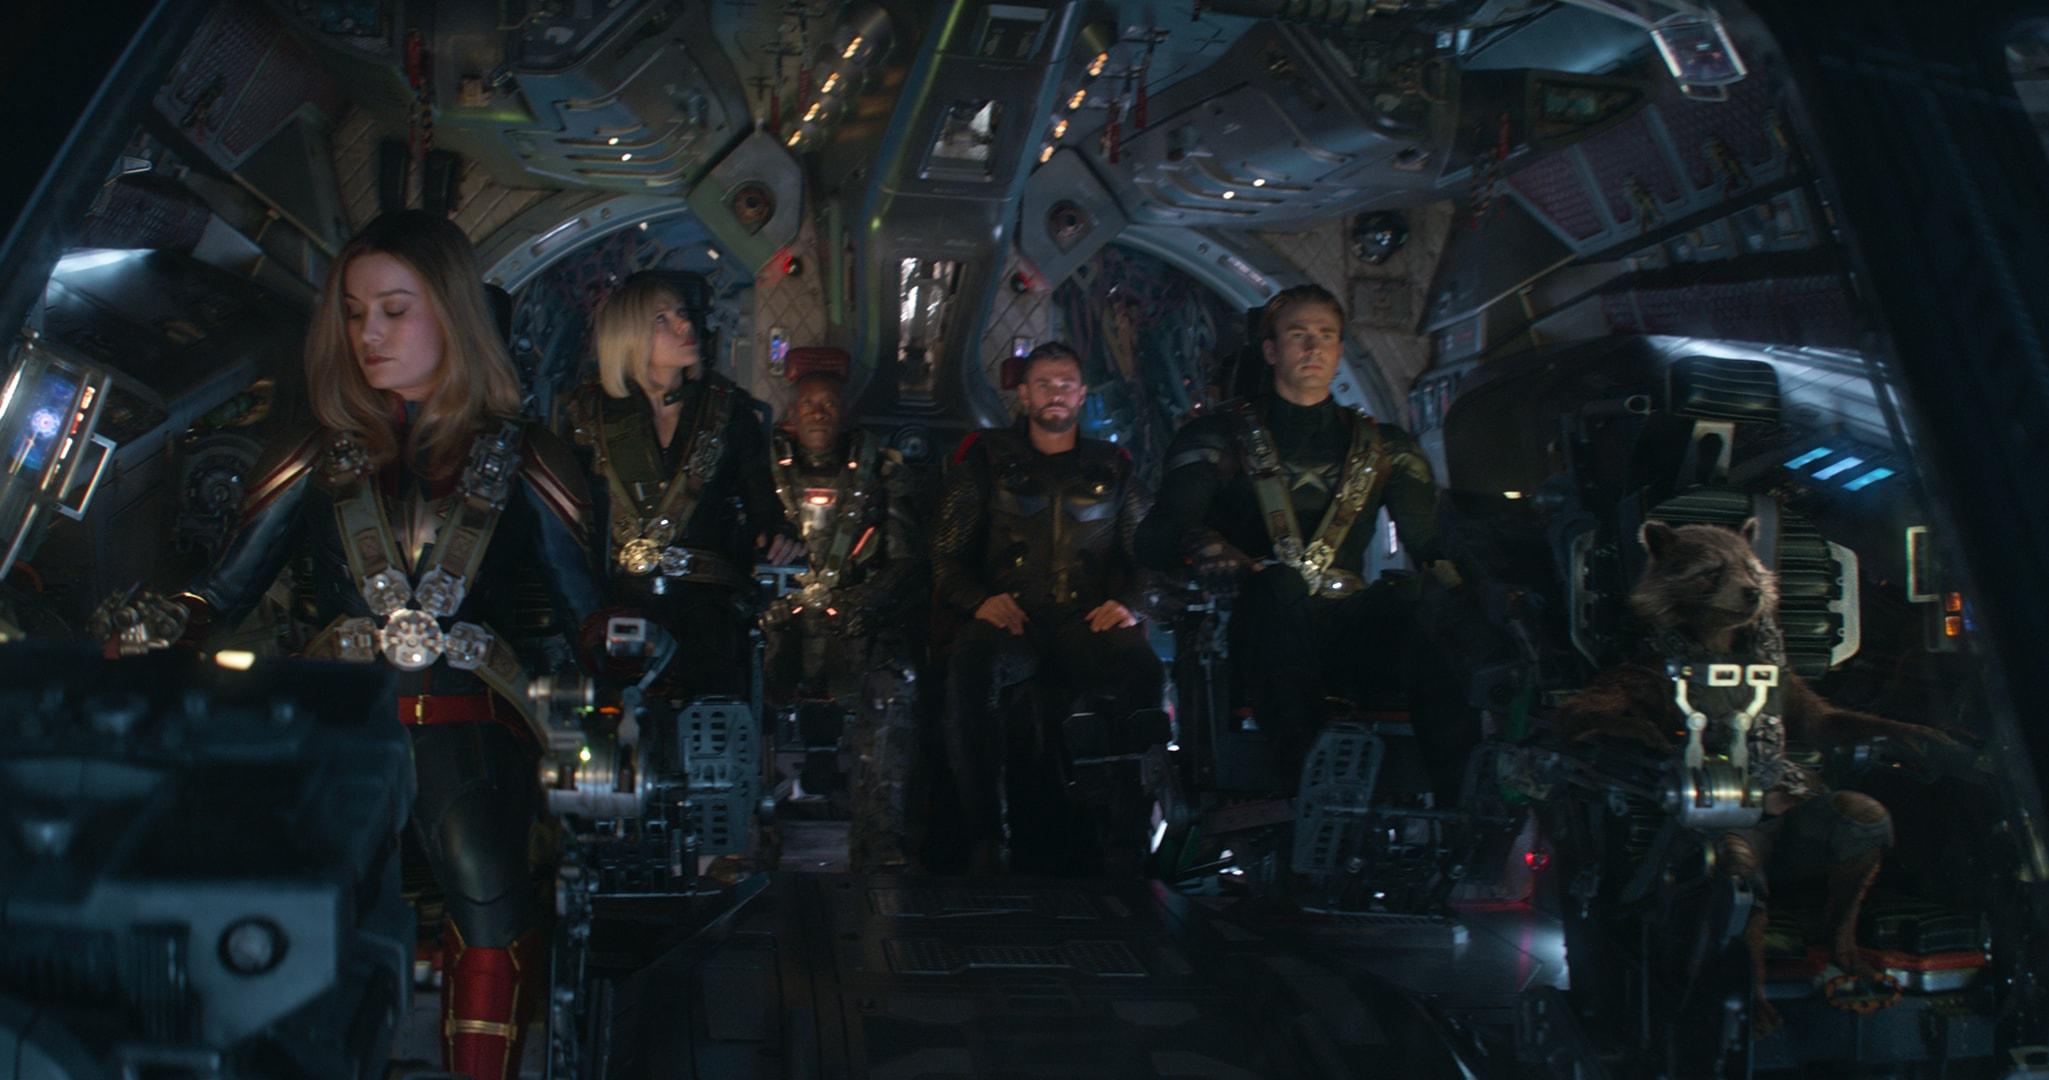 Avengers Endgame ship